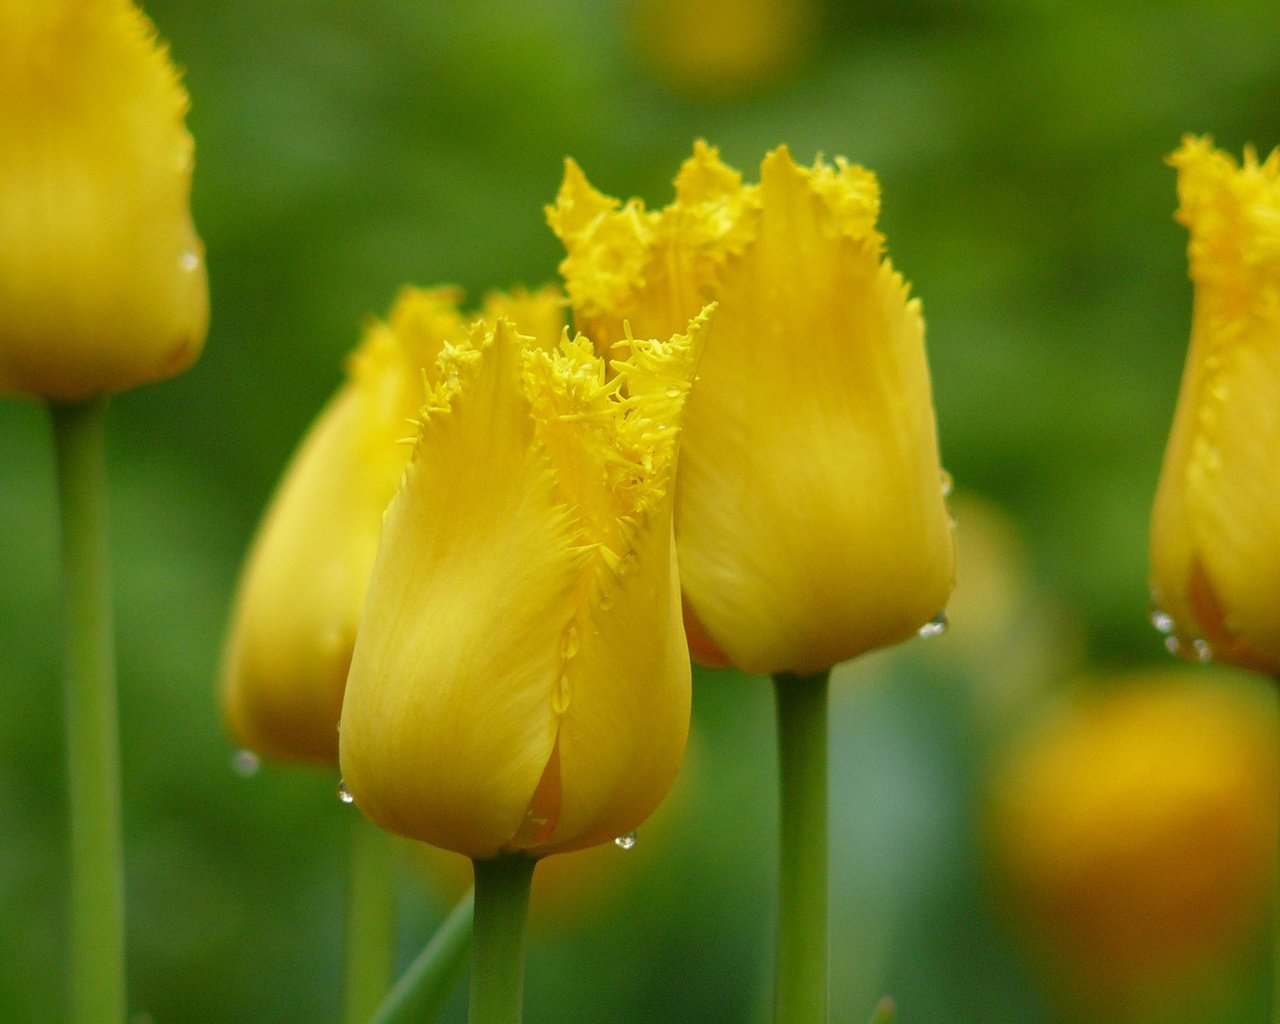 фотообои желтые тюльпаны ищет истину, держись